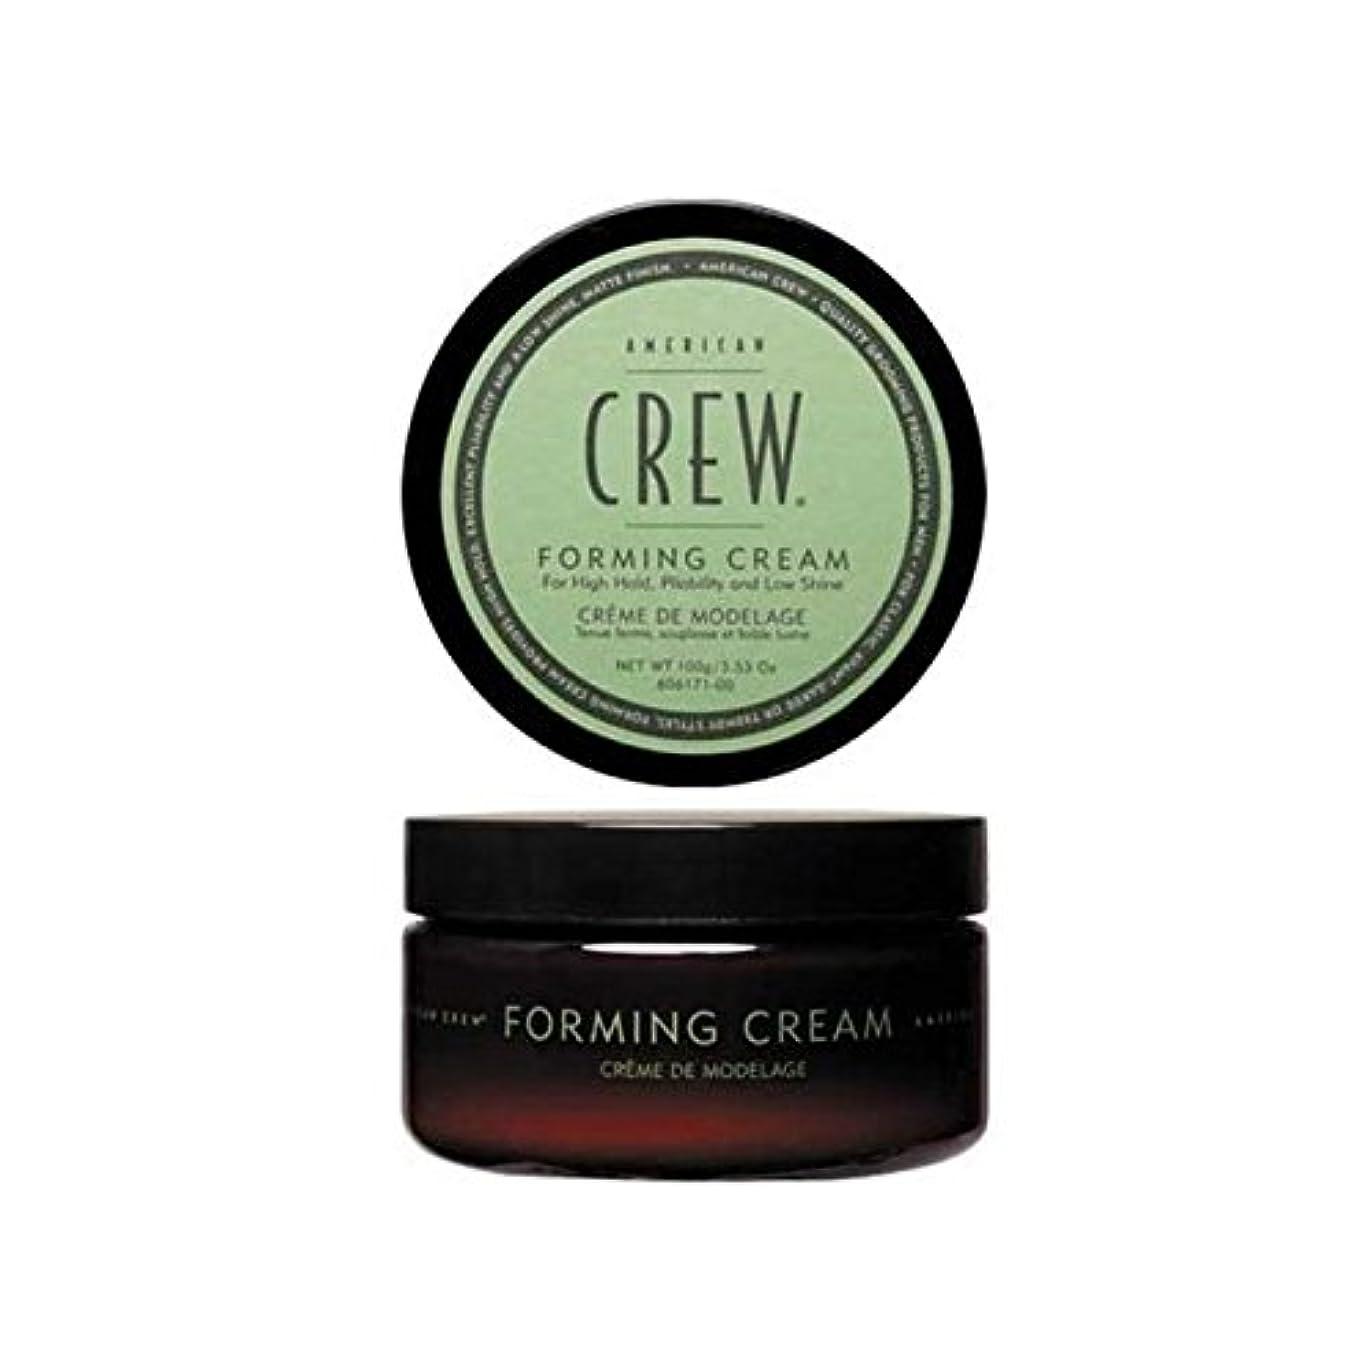 コーンウォール司教アリスアメリカの乗組員形成クリーム(85グラム) x2 - American Crew Forming Cream (85G) (Pack of 2) [並行輸入品]